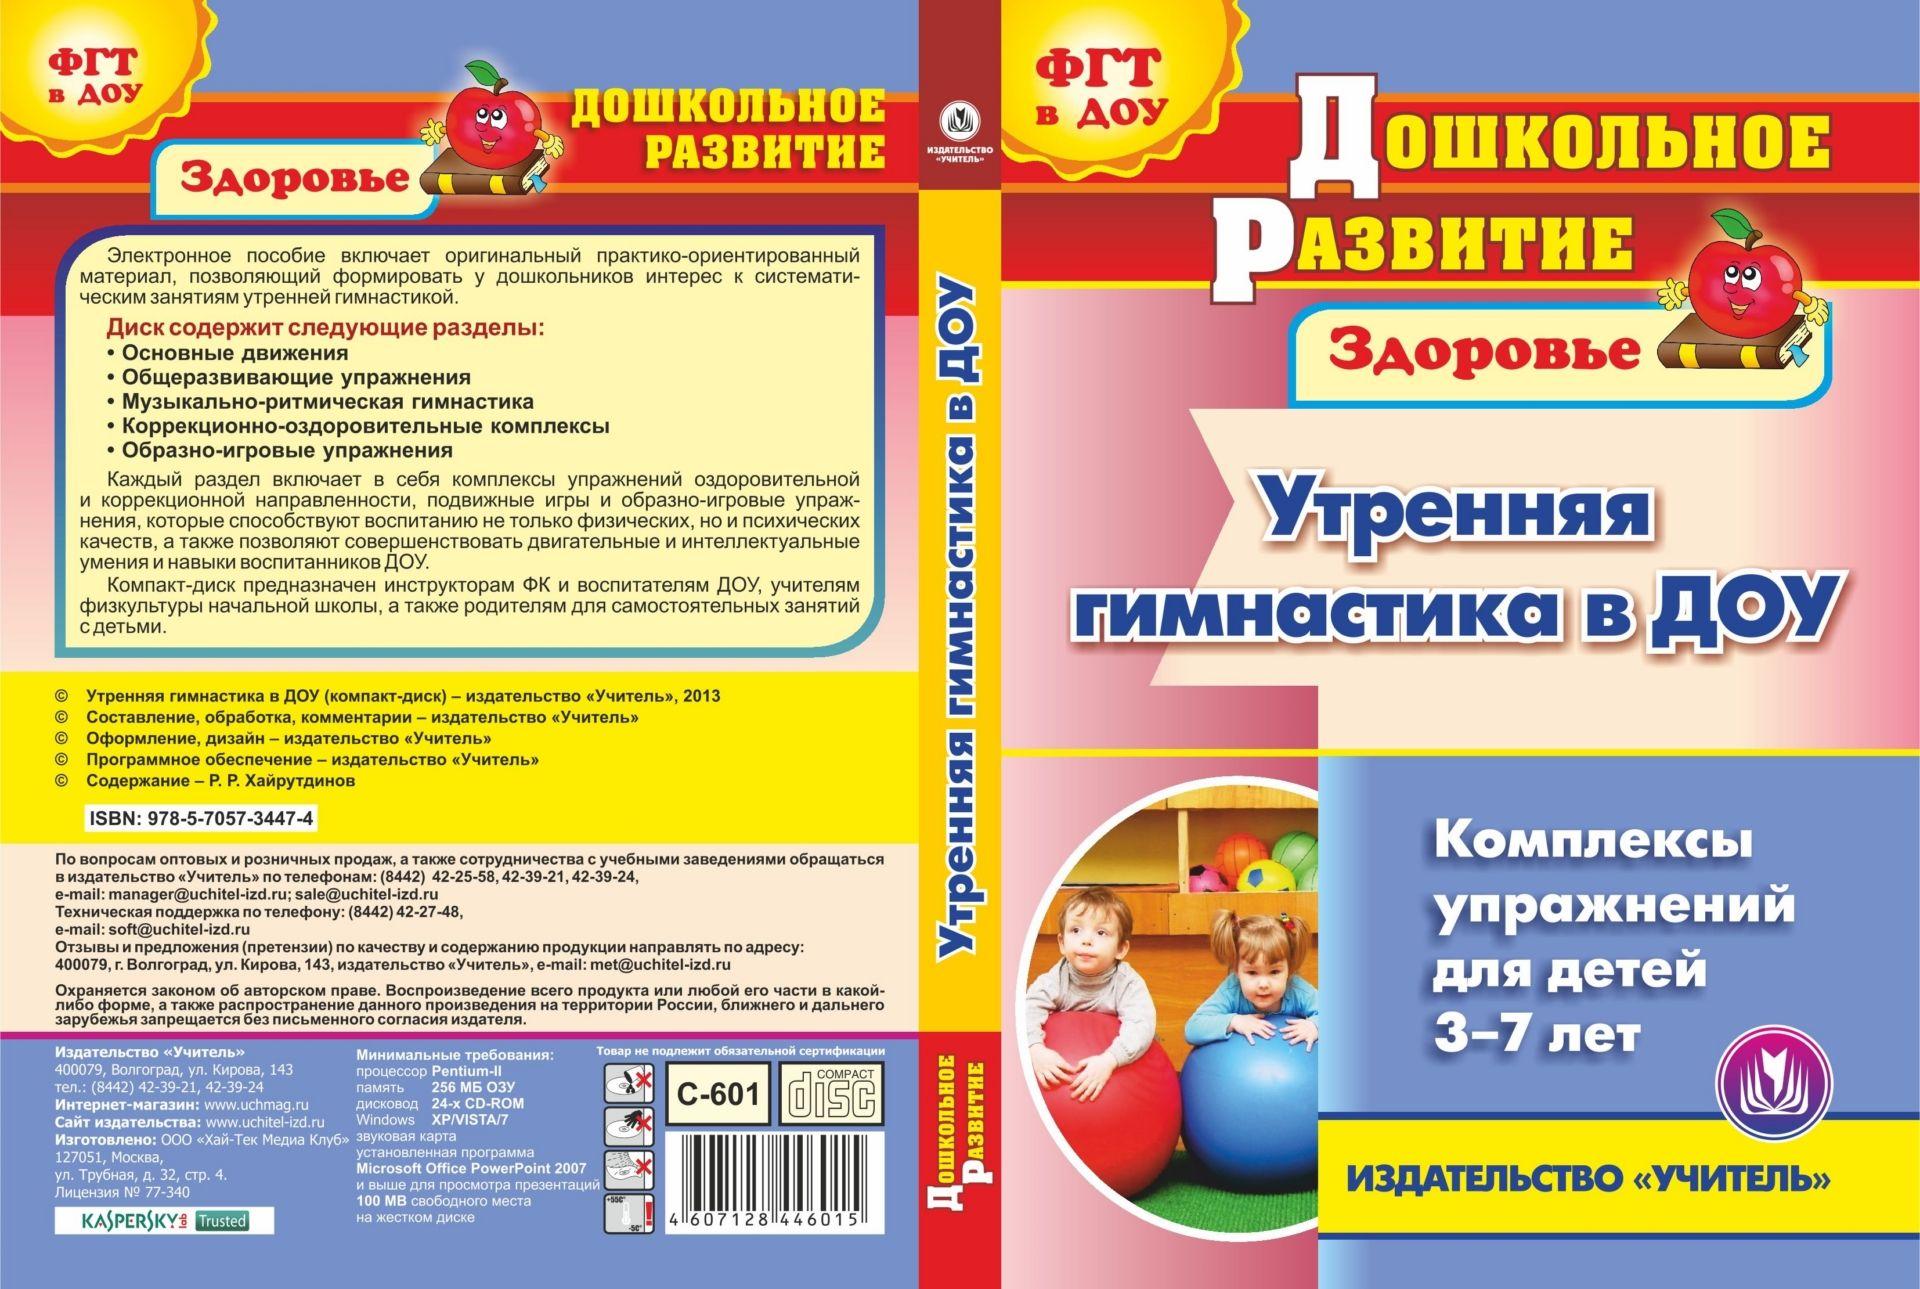 Купить со скидкой Утренняя гимнастика в ДОУ. Компакт-диск для компьютера: Комплексы упражнений для детей 3-7 лет